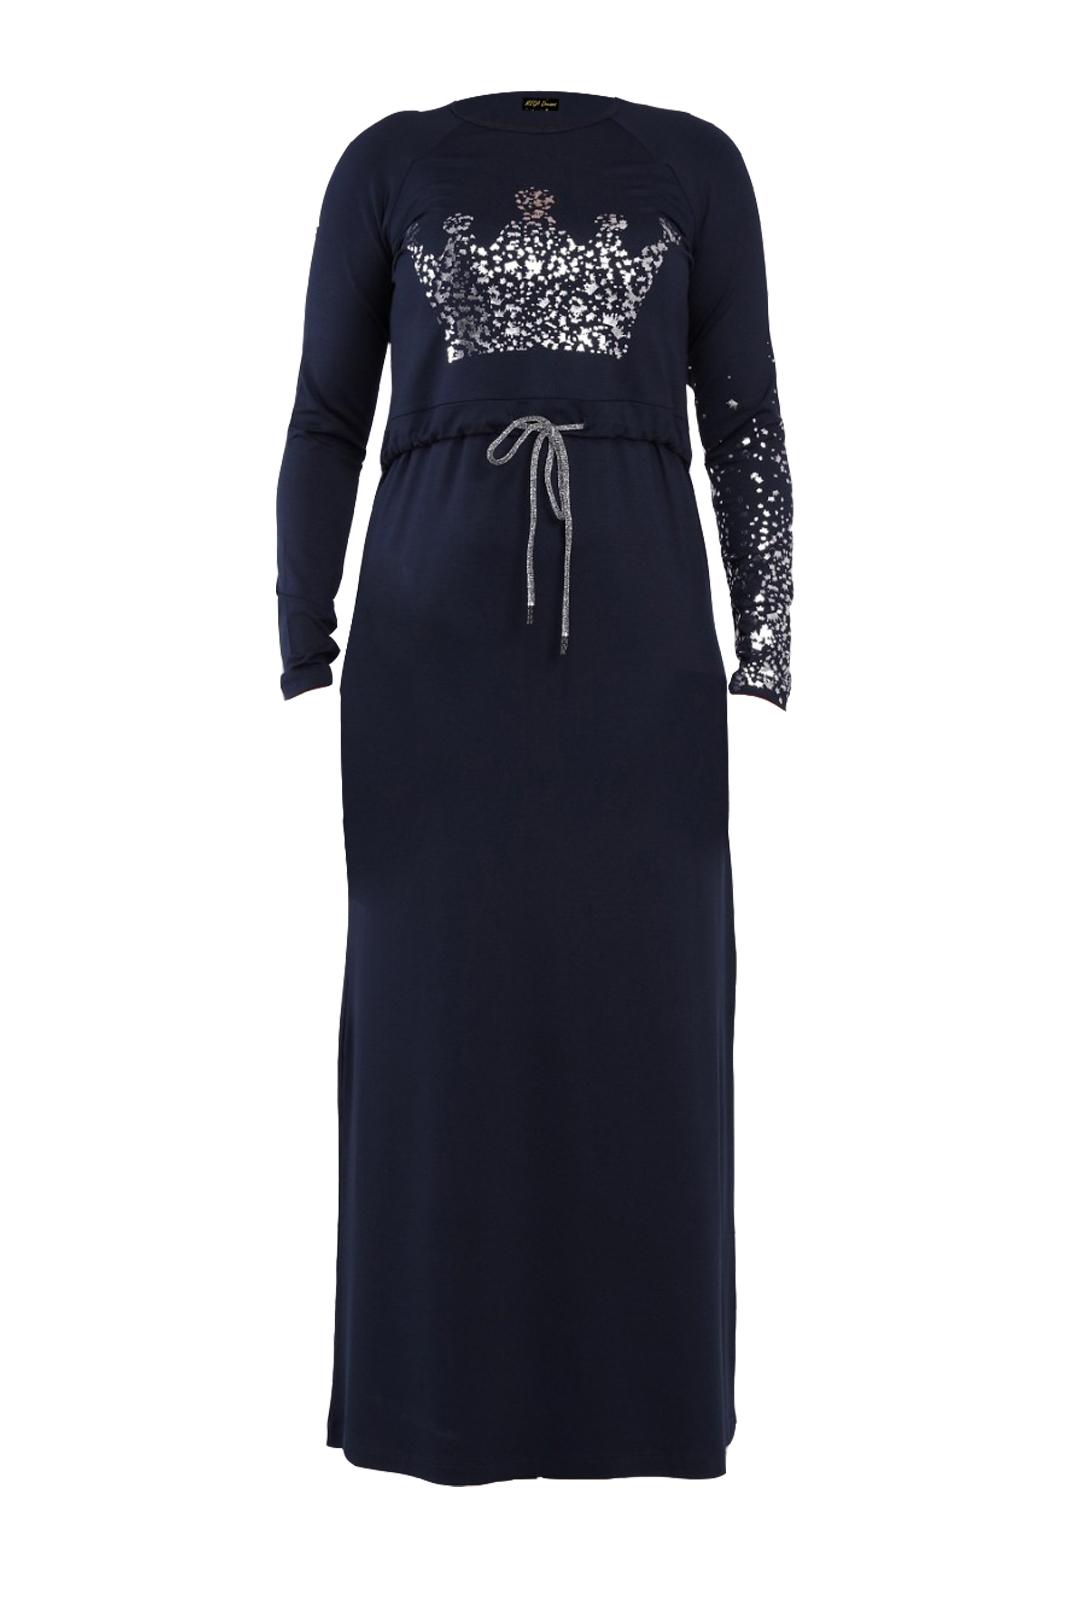 כותנות לילה צנועות להנקה מבית ליידיס בגדי בית - דגם T14 מבד כחול בדוגמת כתר ניצוצות.